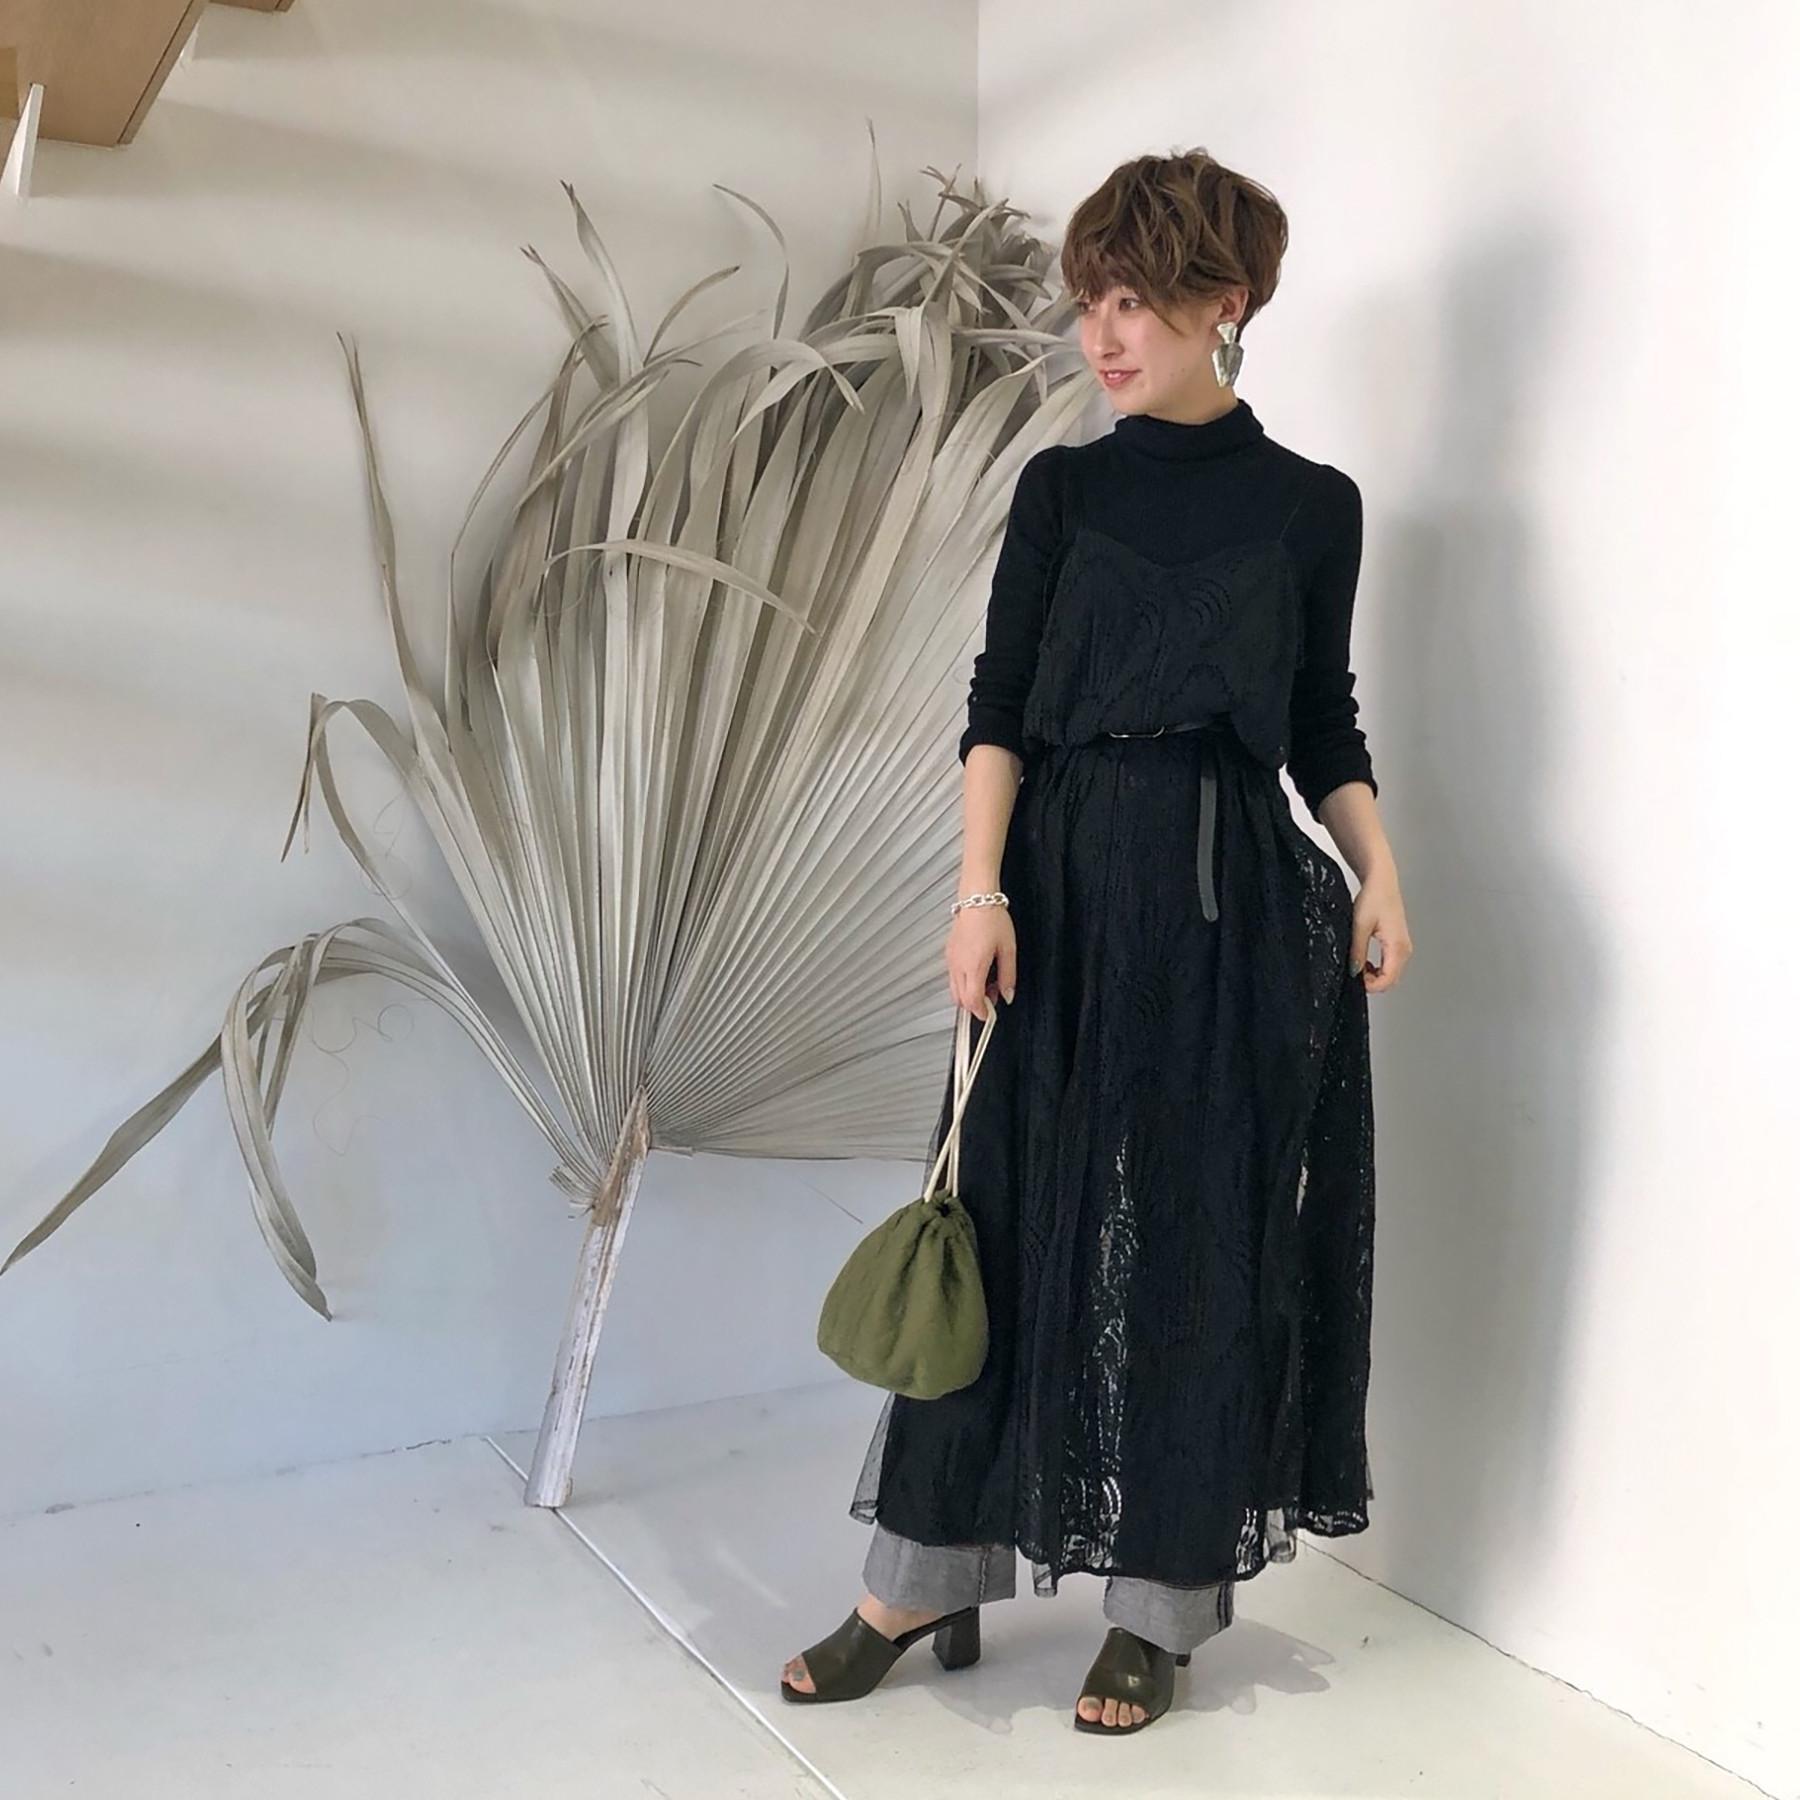 Sheerlace Camisole Dress